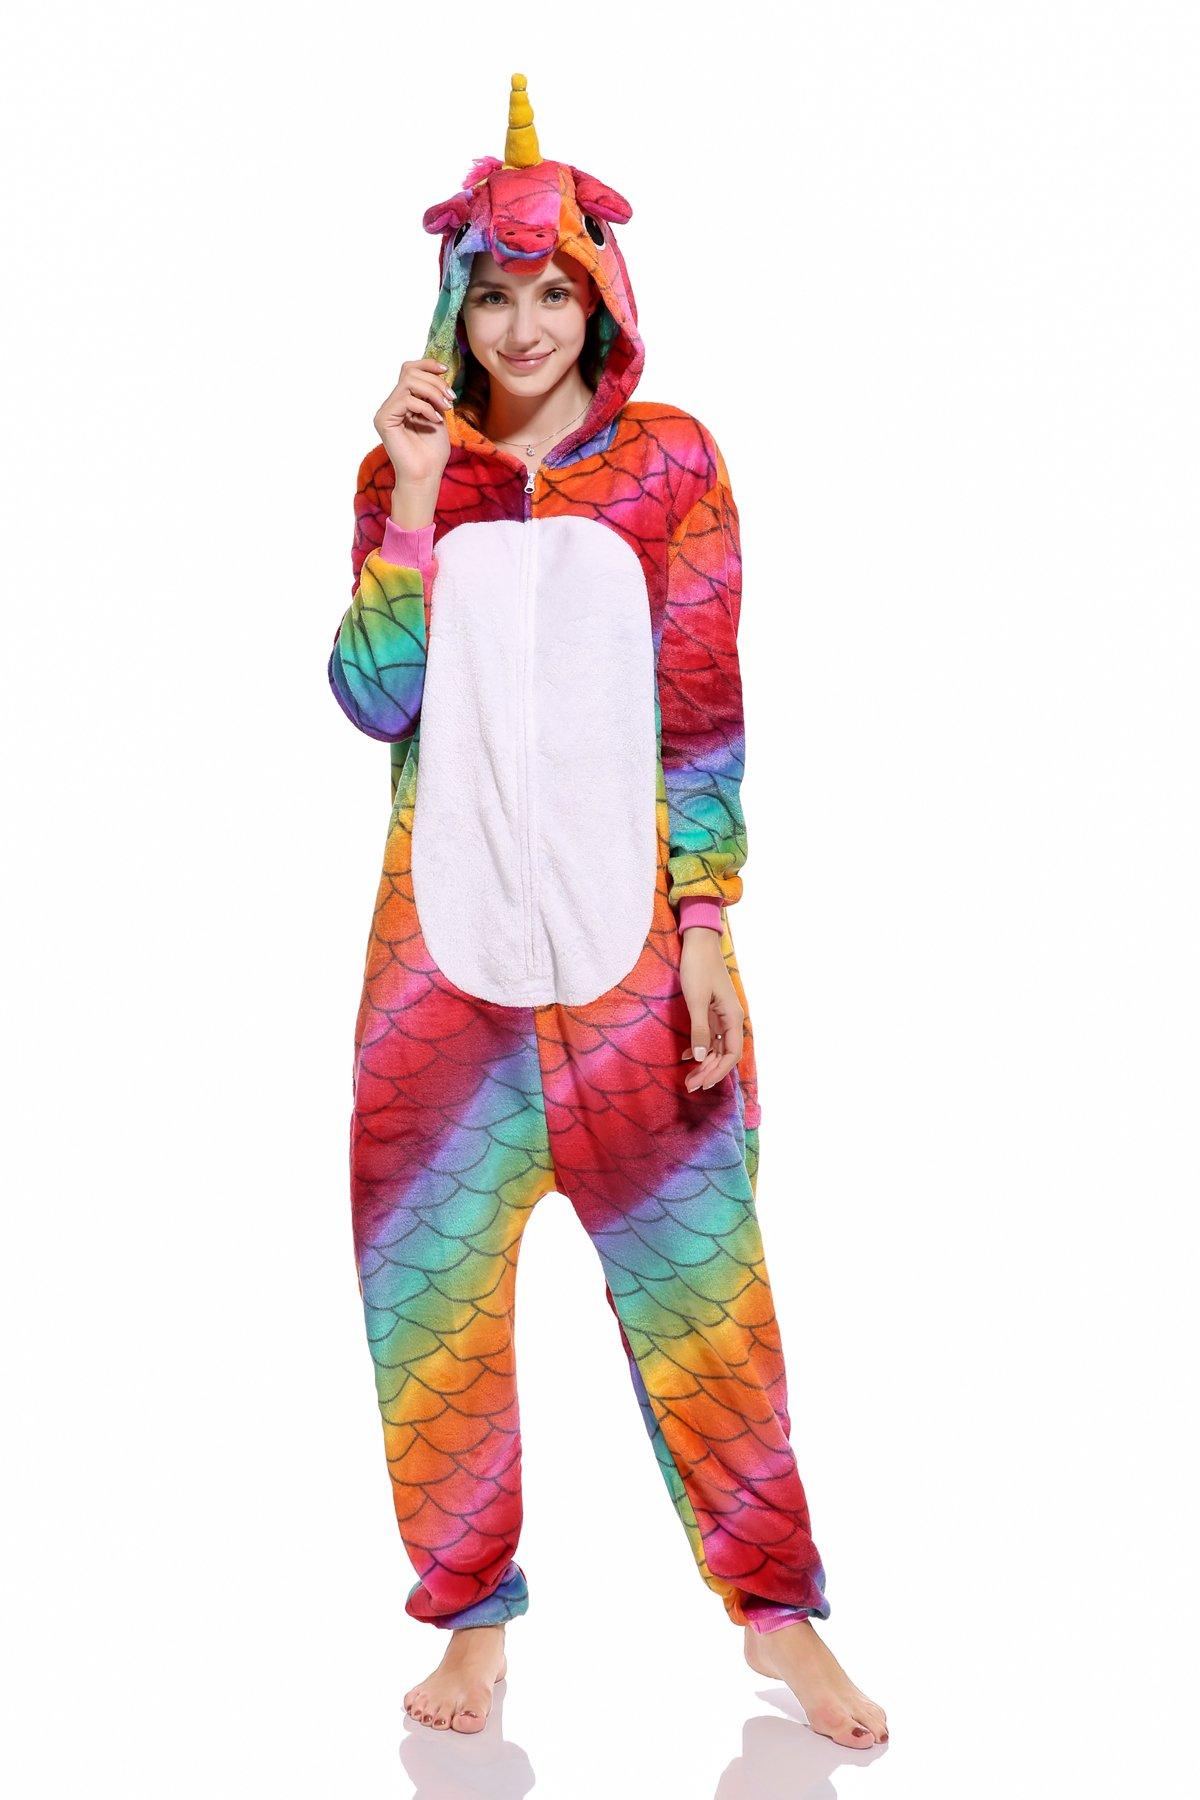 Blank King Unisex Unicorn Pajama Onesie Halloween Costume Cosplay (S, Mermaid-1) by Blank King (Image #1)